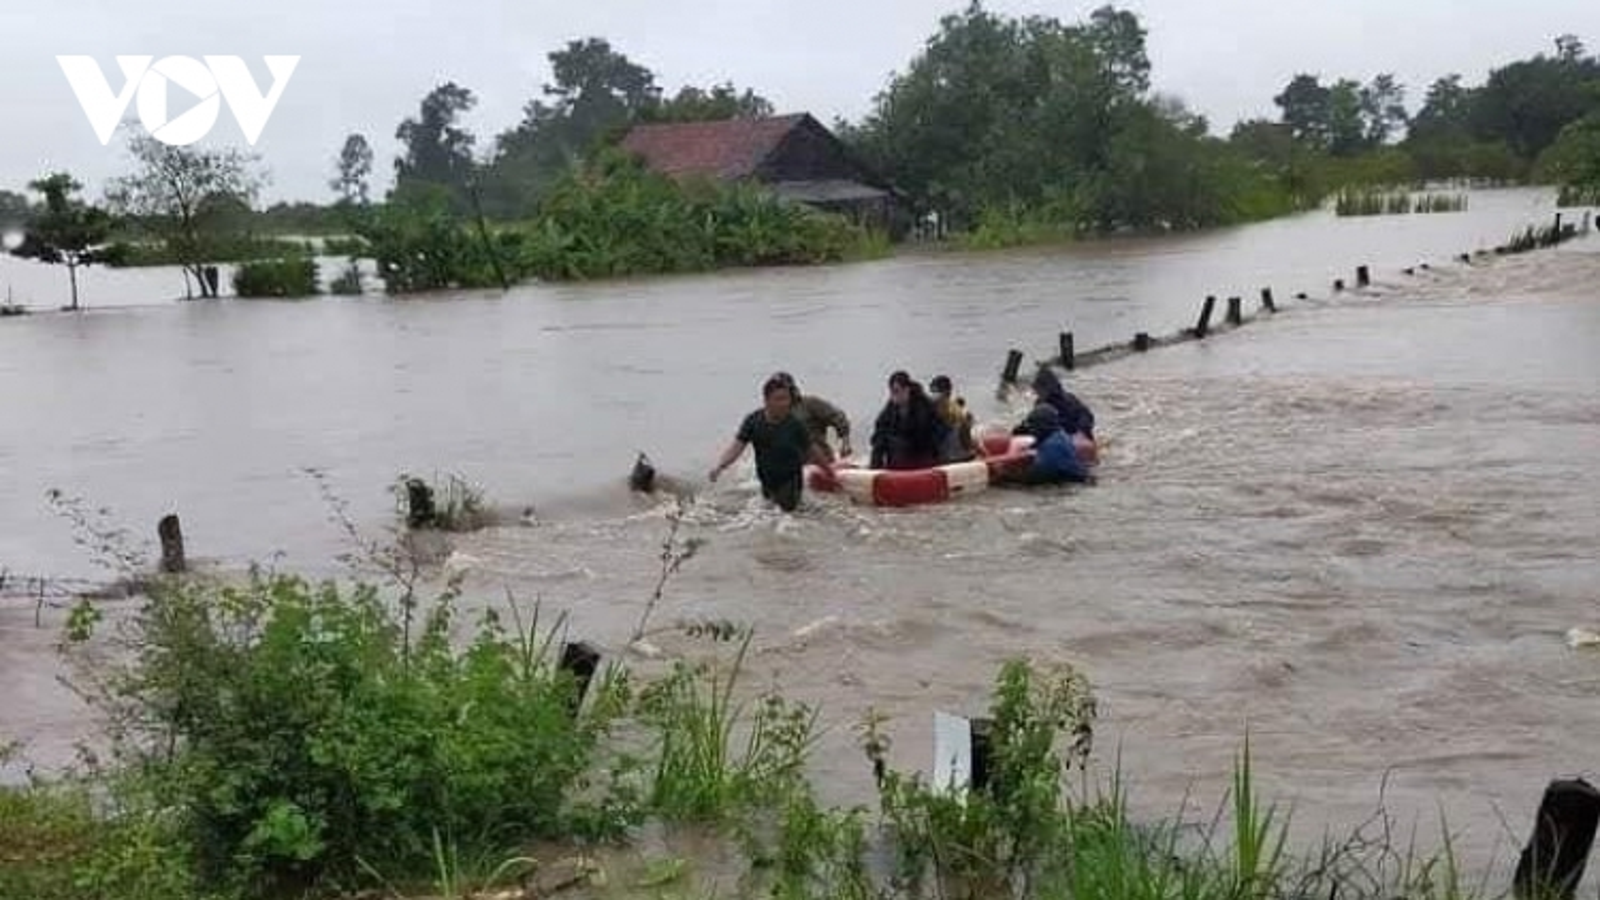 Mưa lớn gây ngập lụt, chia cắt nhiều khu dân cư ở Đắk Đắk